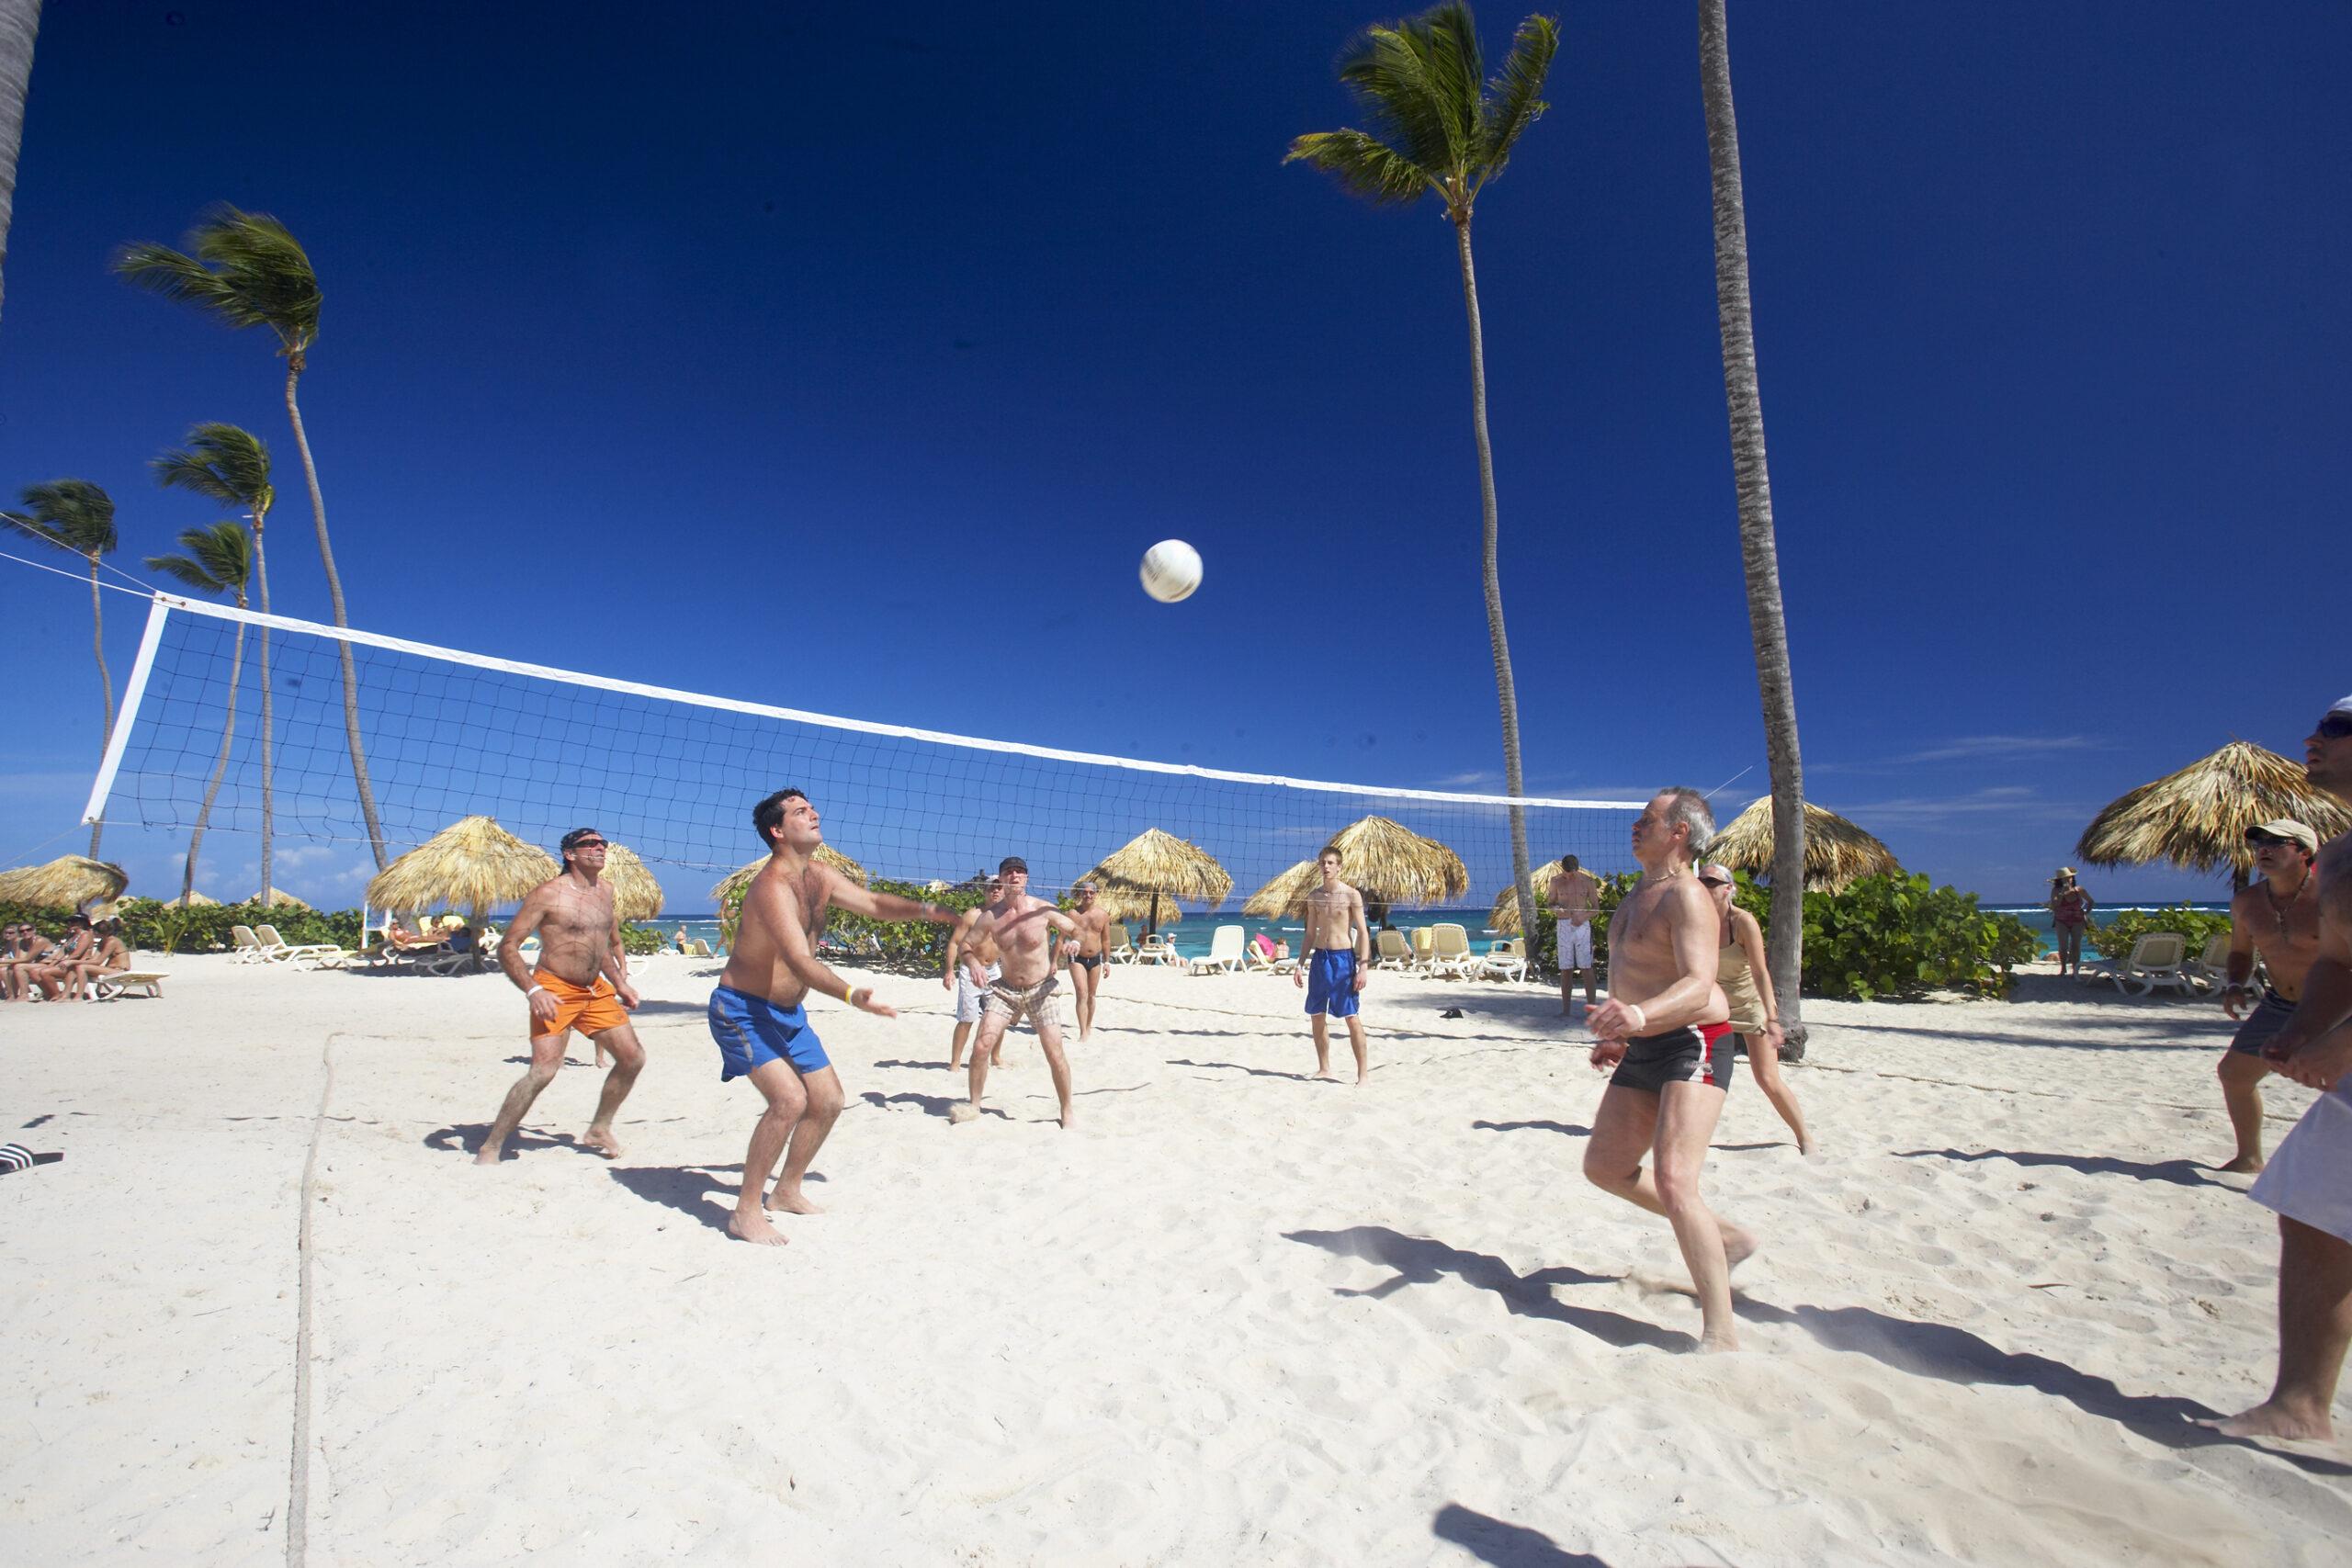 Фото пляжного волейбола